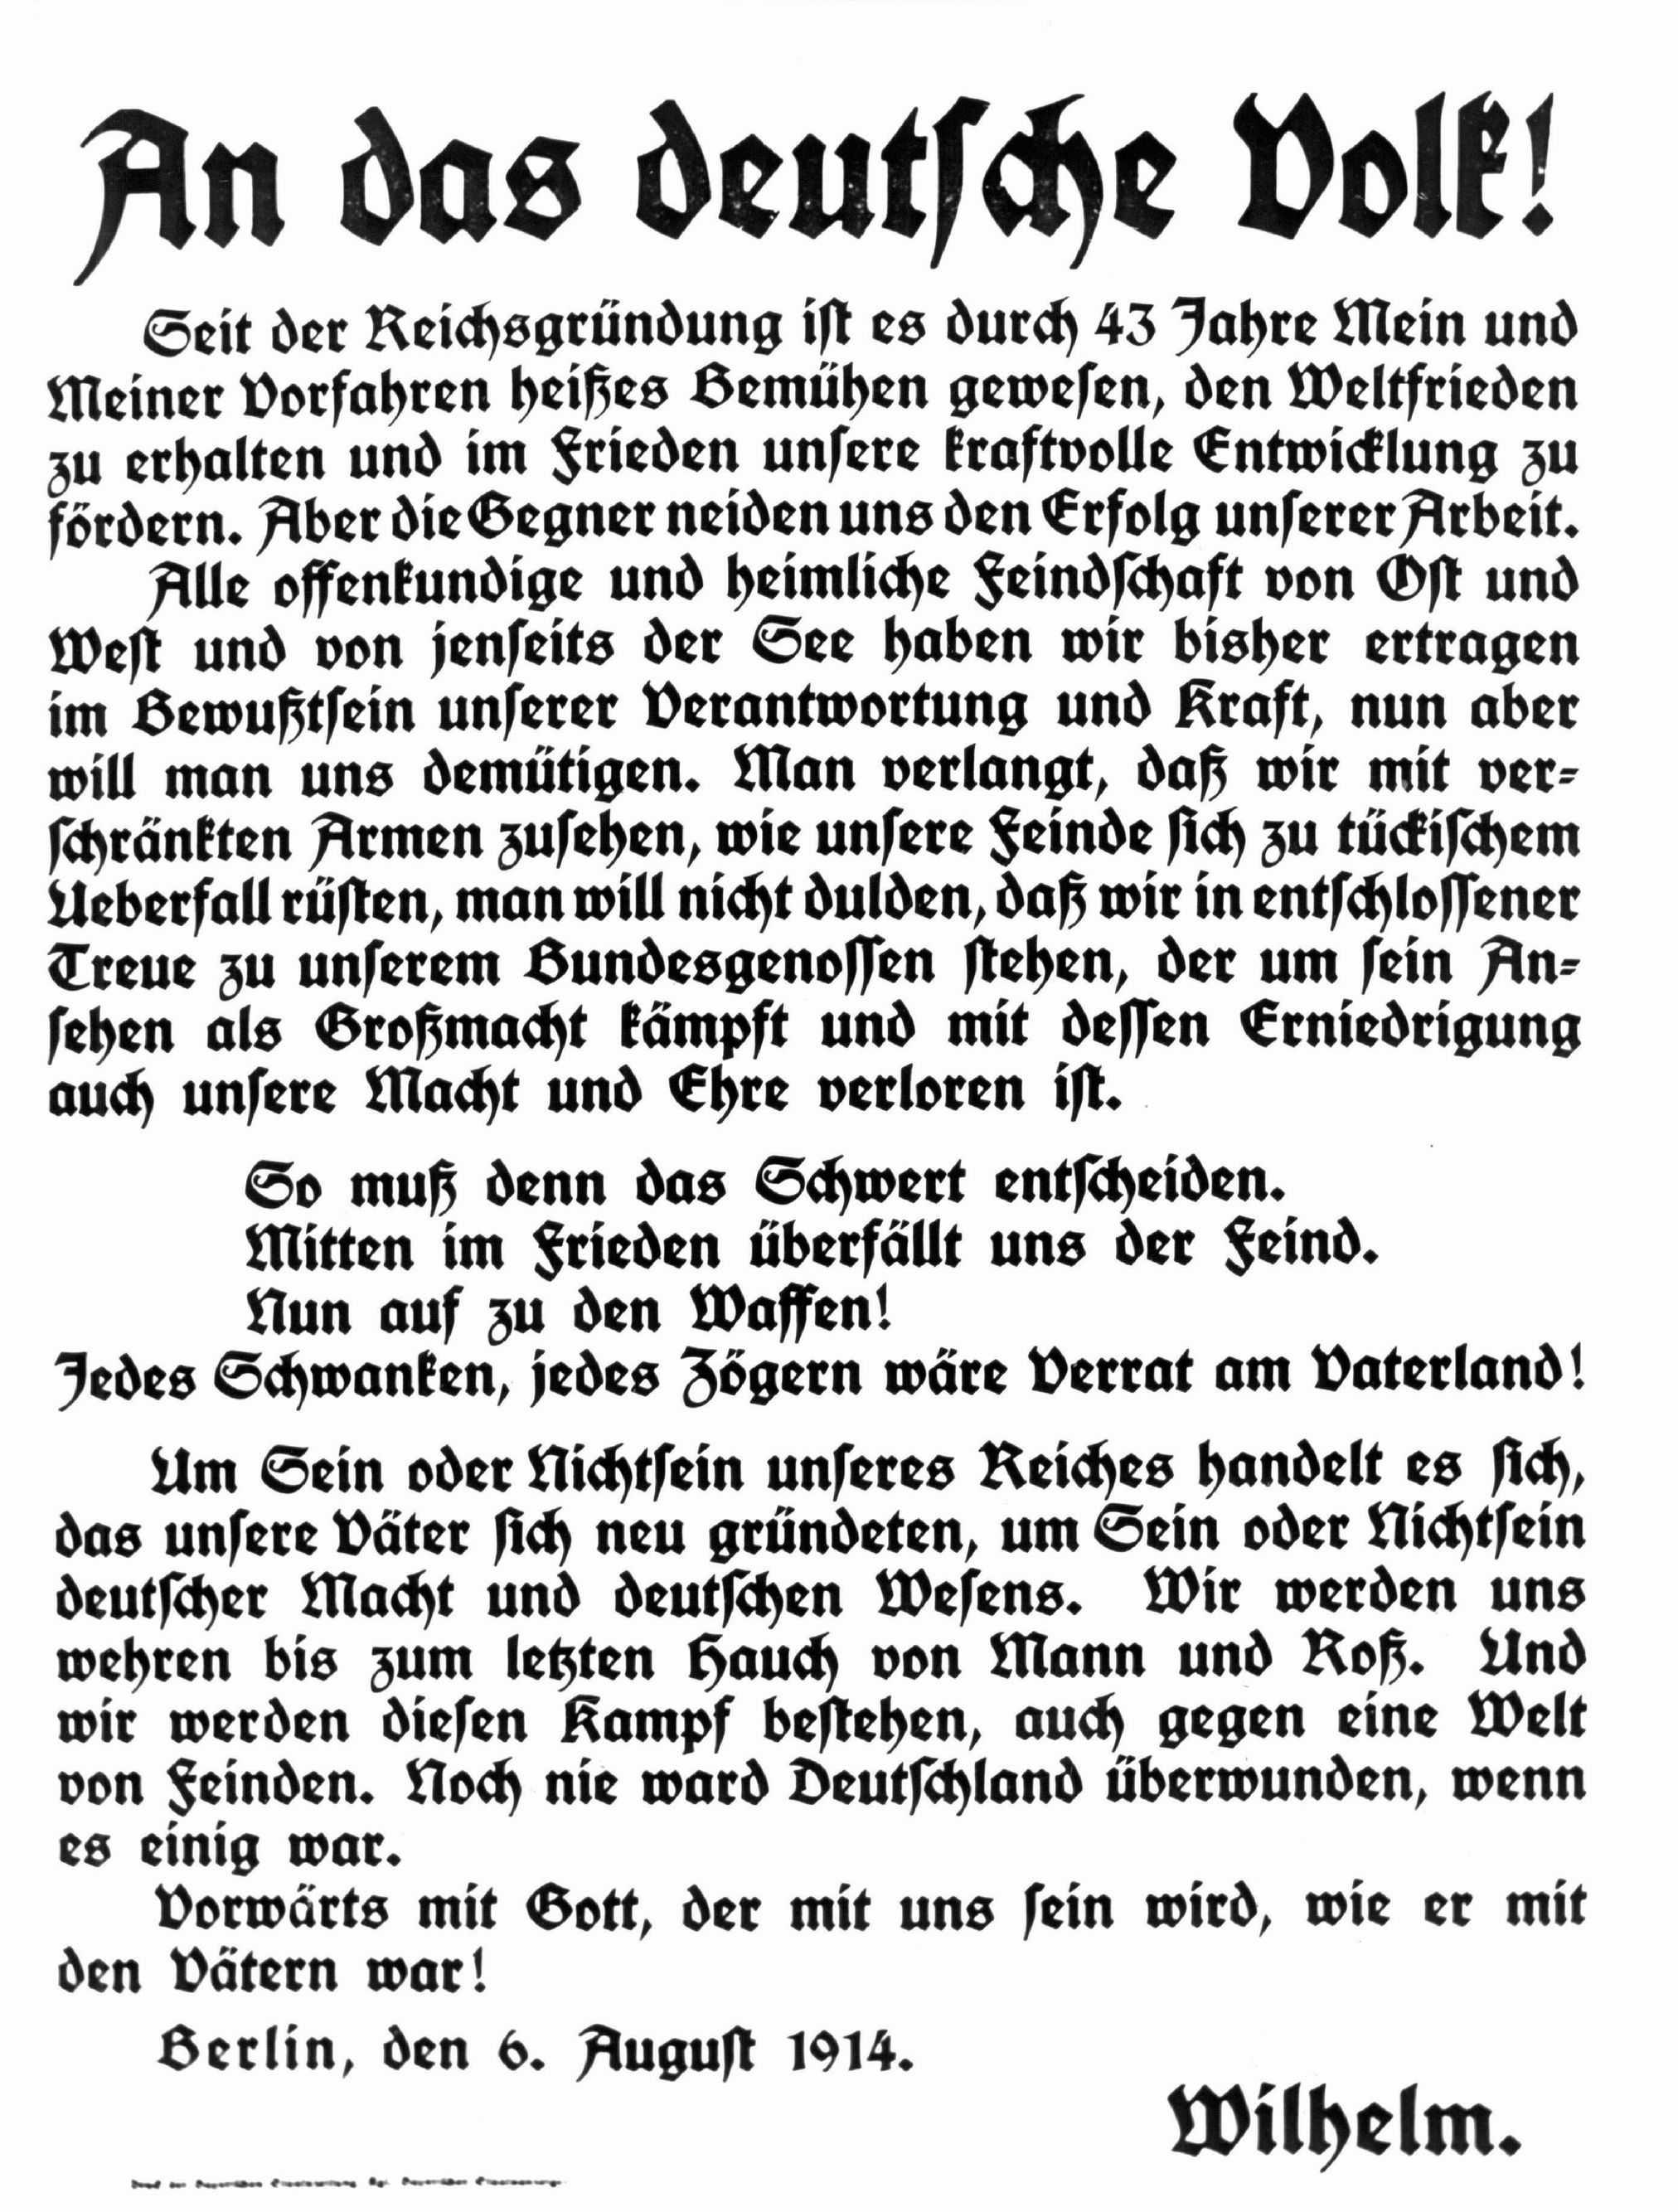 """Aufruf von Kaiser WilhelmII. zur Mobilmachung: """"An das deutsche Volk!"""", Plakat vom 6.August 1914"""